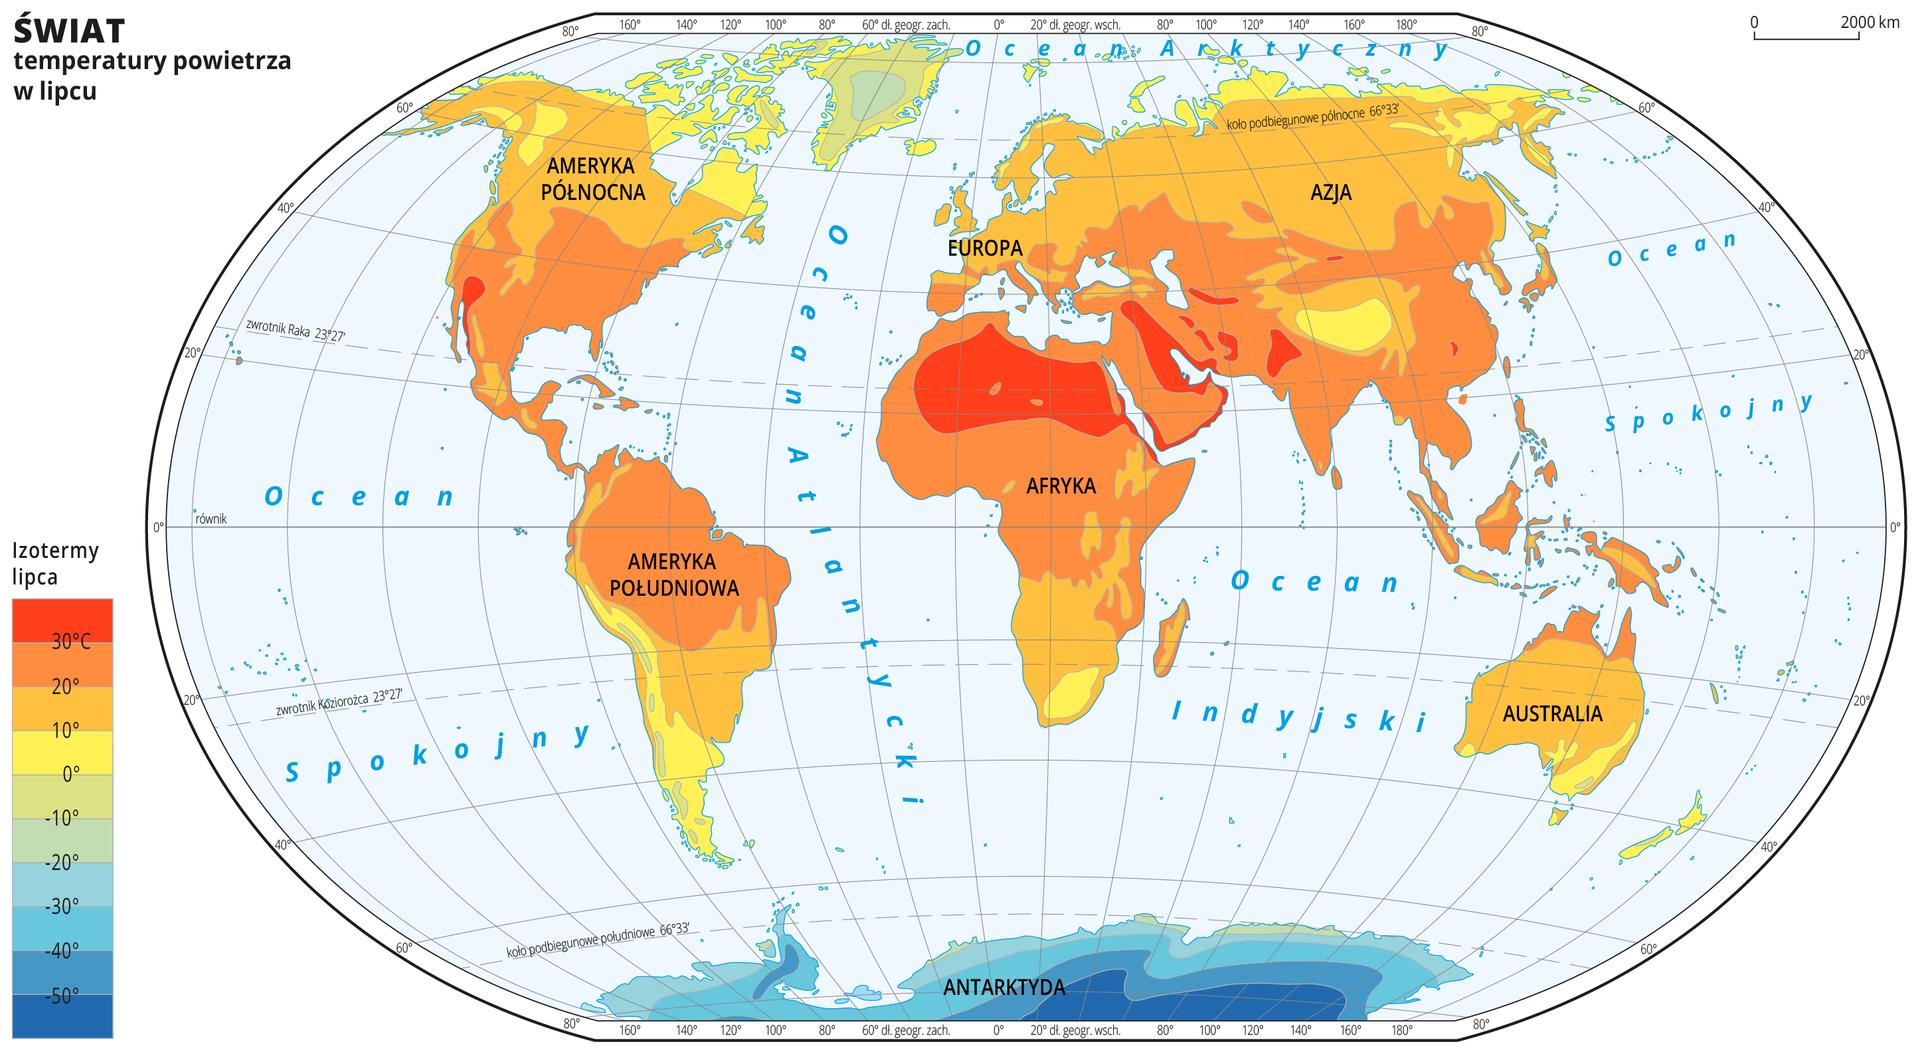 Ilustracja przedstawia mapę świata. Opisano kontynenty. Wody zaznaczono kolorem niebieskim. Opisano oceany. Na mapie wobrębie lądów kolorami zaznaczono średnie miesięczne temperatury powietrza wlipcu. Centralną część mapy pokrywa kolor pomarańczowy. Na północy kolor przechodzi wżółty do zielonego, ana południu wzielony do ciemnoniebieskiego. Mapa pokryta jest równoleżnikami ipołudnikami. Dookoła mapy wbiałej ramce opisano współrzędne geograficzne co dwadzieścia stopni. Po lewej stronie mapy wlegendzie umieszczono prostokątny pionowy pasek. Pasek podzielono na dziesięć części. Ugóry – ciemnopomarańczowy, dalej pomarańczowy, środek żółty przechodzący wzielony, na dole niebieski do ciemnoniebieskiego. Każda część paska obrazuje dziesięciostopniowy przedział średniej miesięcznej temperatury powietrza wlipcu wróżnych regionach świata. Ciemnopomarańczowy oznacza obszary najcieplejsze, ciemnoniebieski – najzimniejsze. Odcieniami koloru pomarańczowego zaznaczono obszary ośredniej miesięcznej temperaturze powietrza wlipcu powyżej dziesięciu stopni Celsjusza, kolorem żółtym – od zera do dziesięciu stopni Celsjusza. Odcieniami koloru zielonego iniebieskiego zaznaczono obszary ośredniej miesięcznej temperaturze powietrza wlipcu poniżej zera. Obszary oznaczone kolorem ciemnopomarańczowym, na których średnia temperatura powietrza wlipcu wynosi powyżej trzydziestu stopni Celsjusza znajdują się wśrodkowej części Afryki iAzji Mniejszej. Obszary pokryte kolorem ciemnoniebieskim, onajniższej średniej temperaturze powietrza wlipcu – poniżej pięćdziesiąt stopni Celsjusza znajdują się na Antarktydzie.